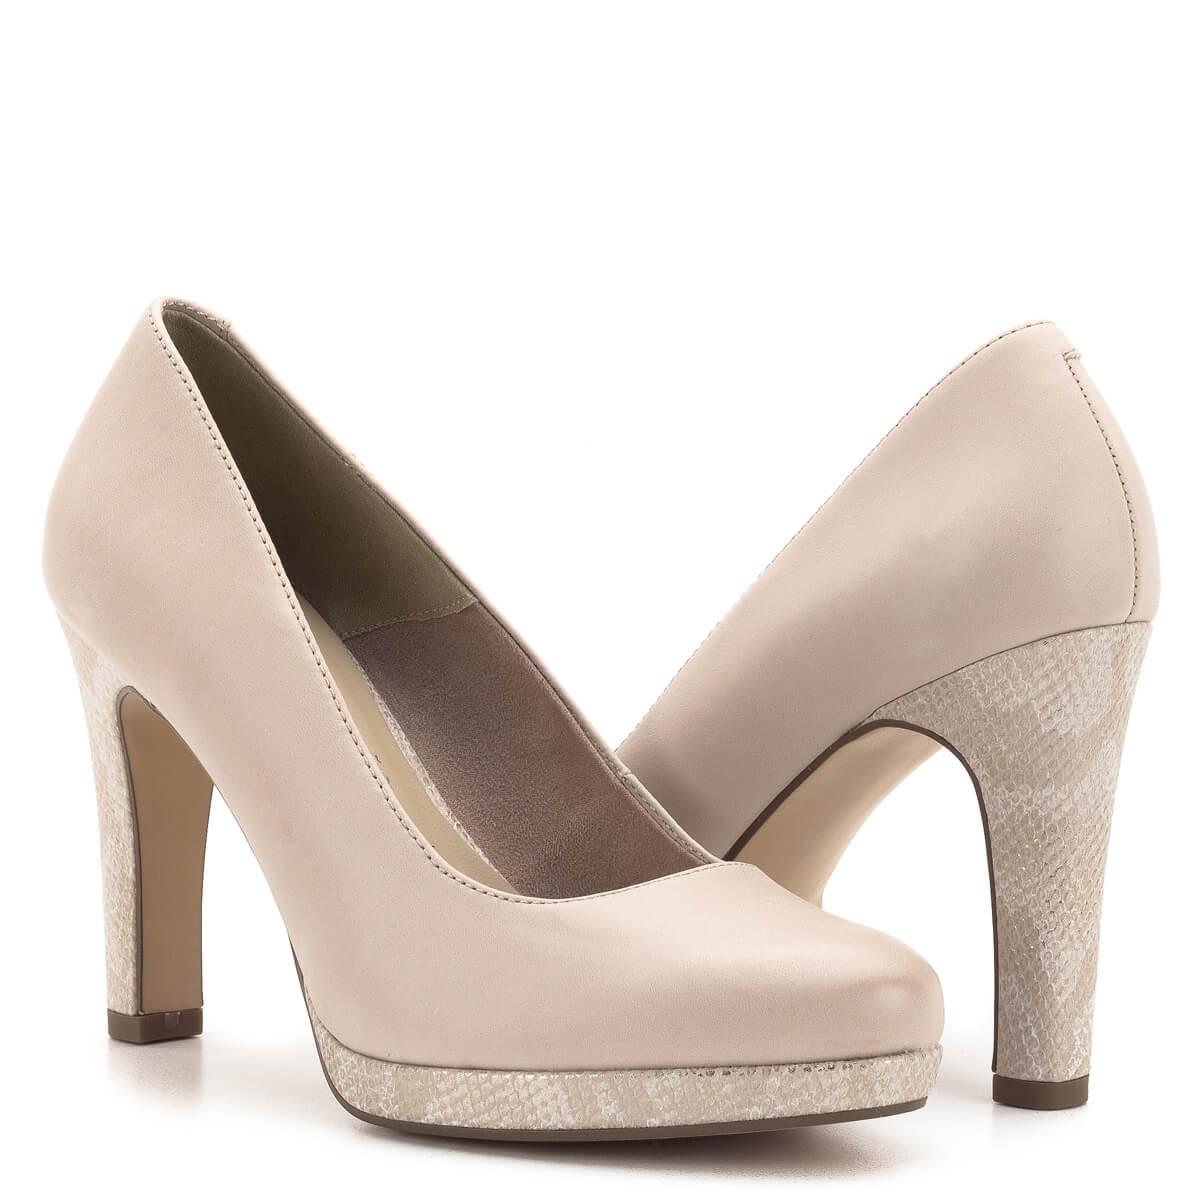 992a4b47804c ... Magas sarkú Tamaris cipő púder rózsaszín színben. Tamaris Touch It  talpbéléssel készült, a 2 ...